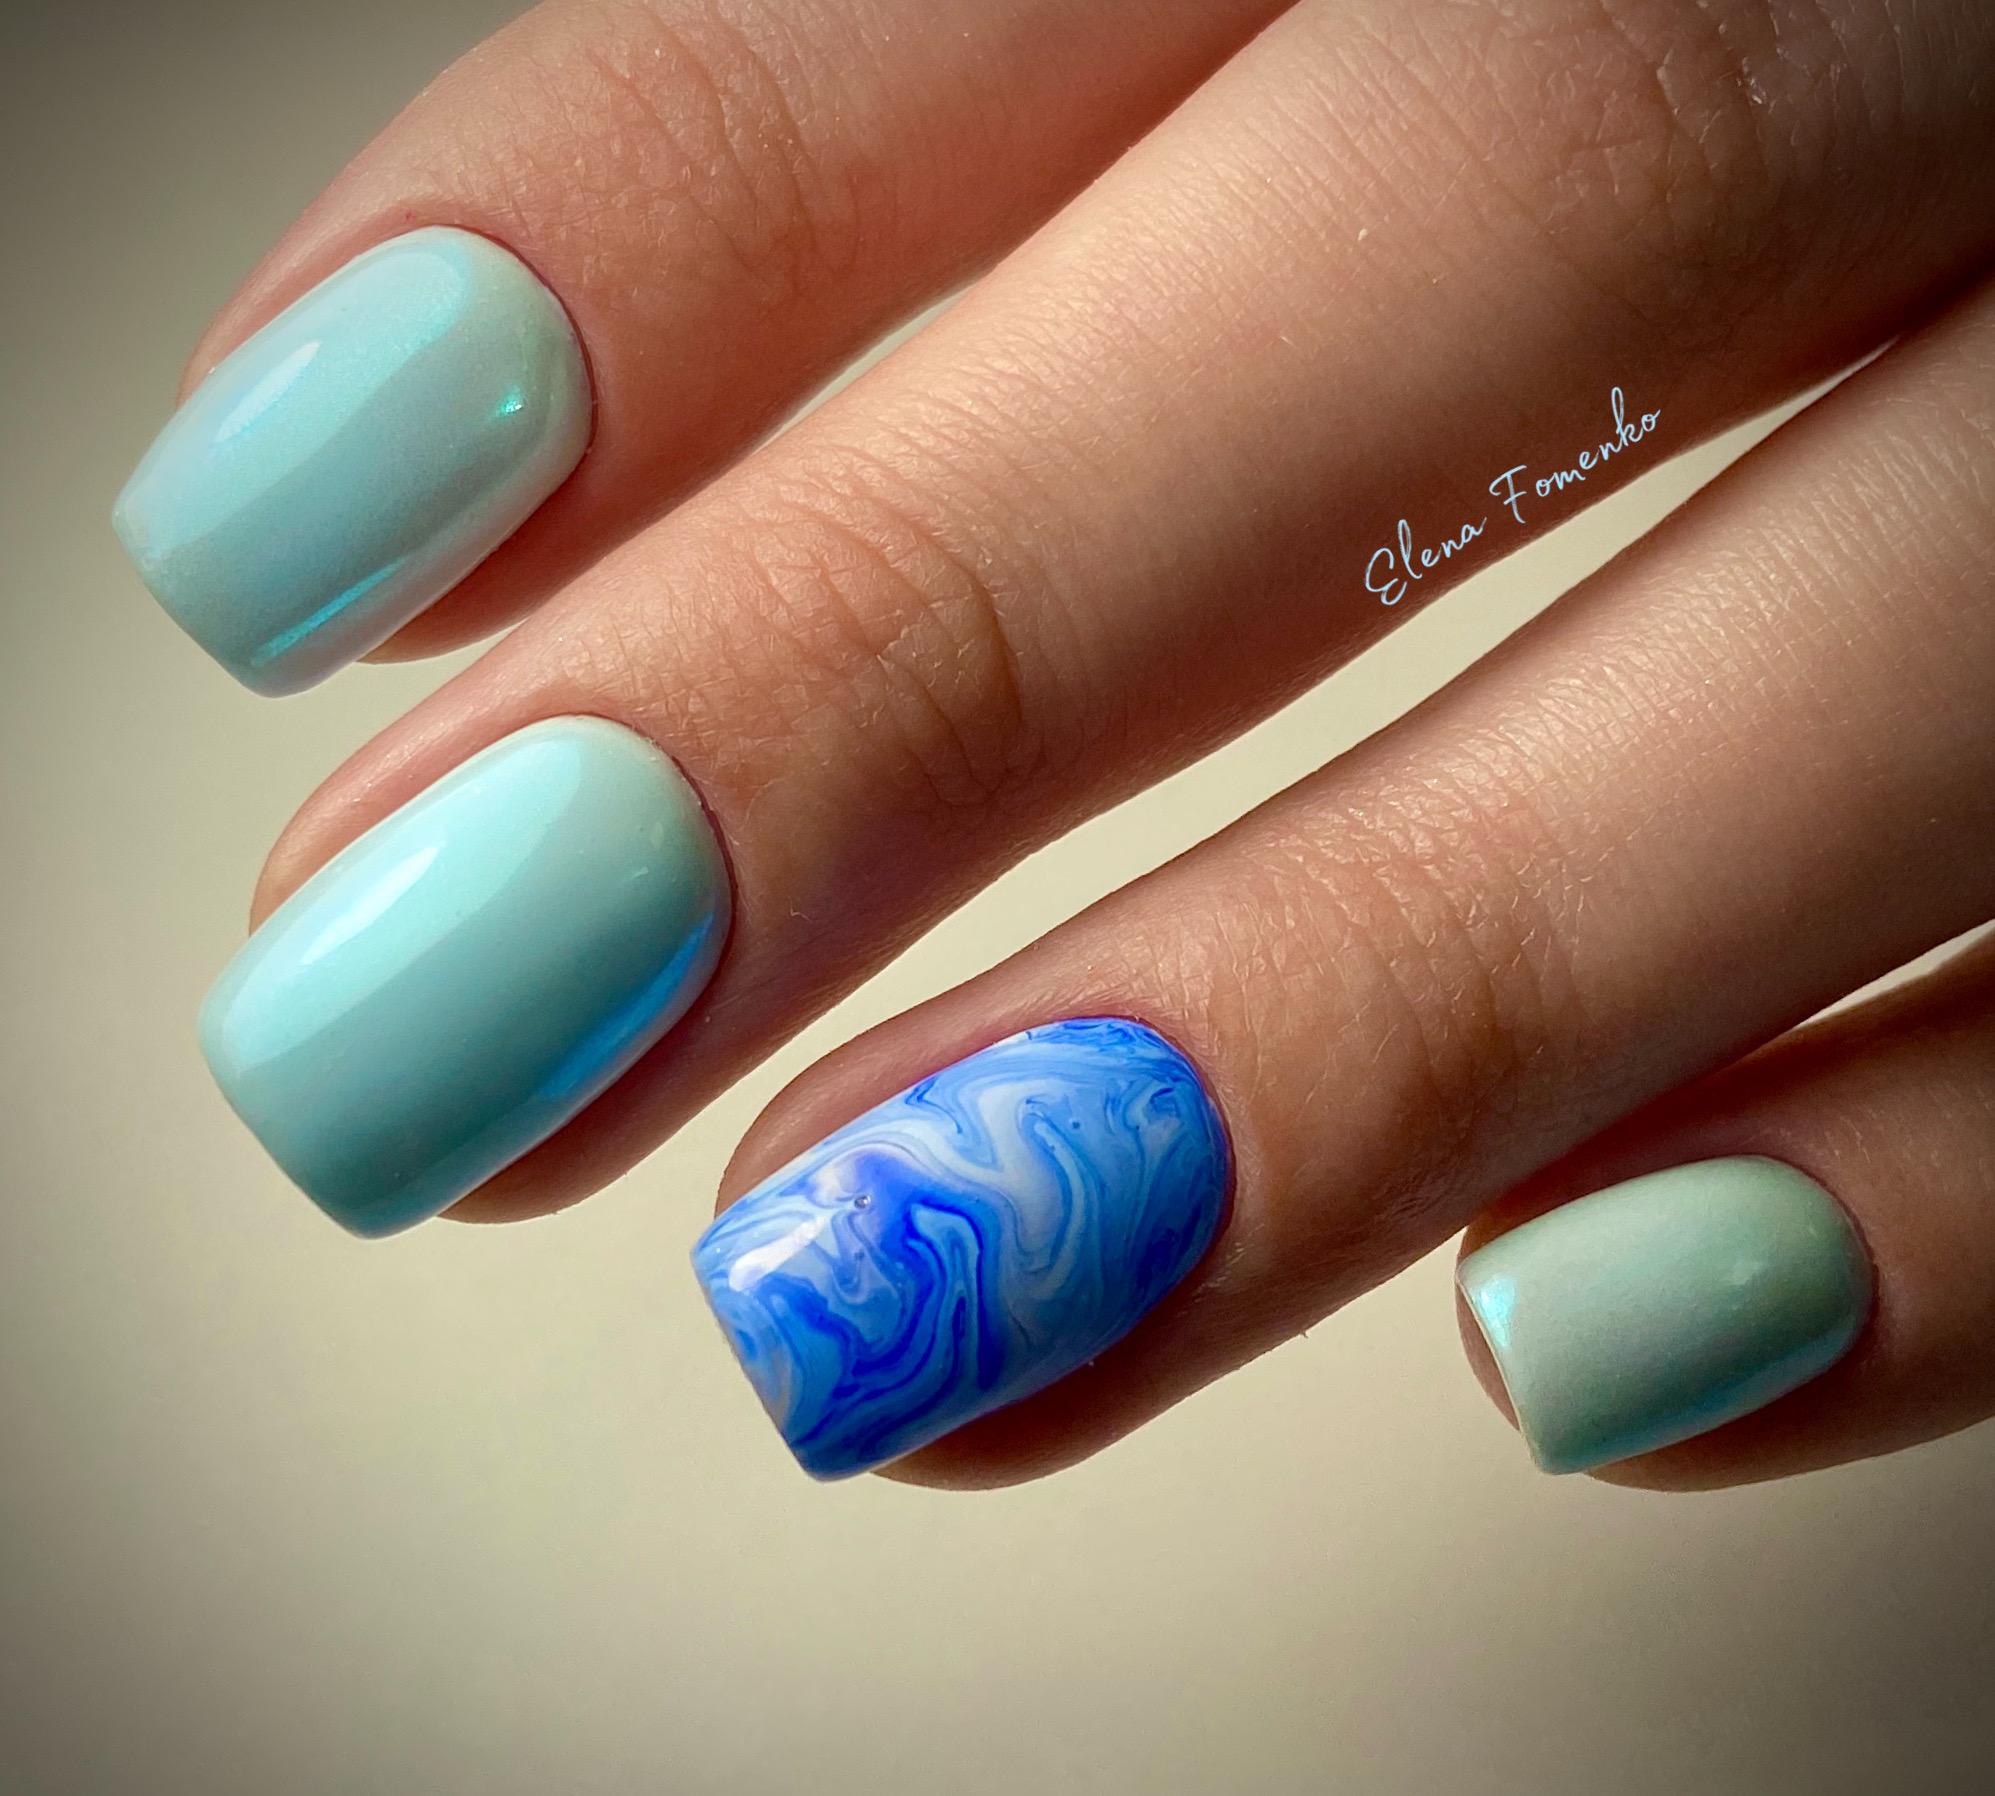 Маникюр с морским дизайном и втиркой в голубом цвете.